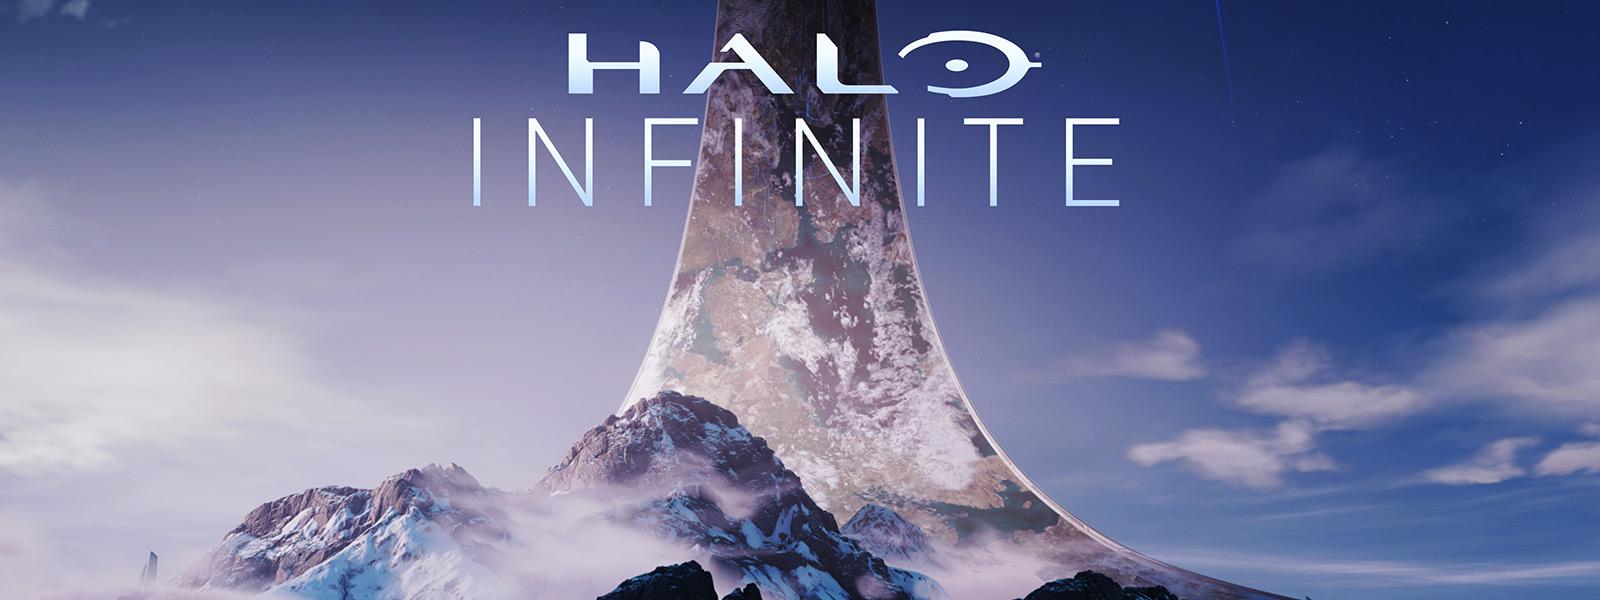 Utsyn til fjell fra Halo-ringen